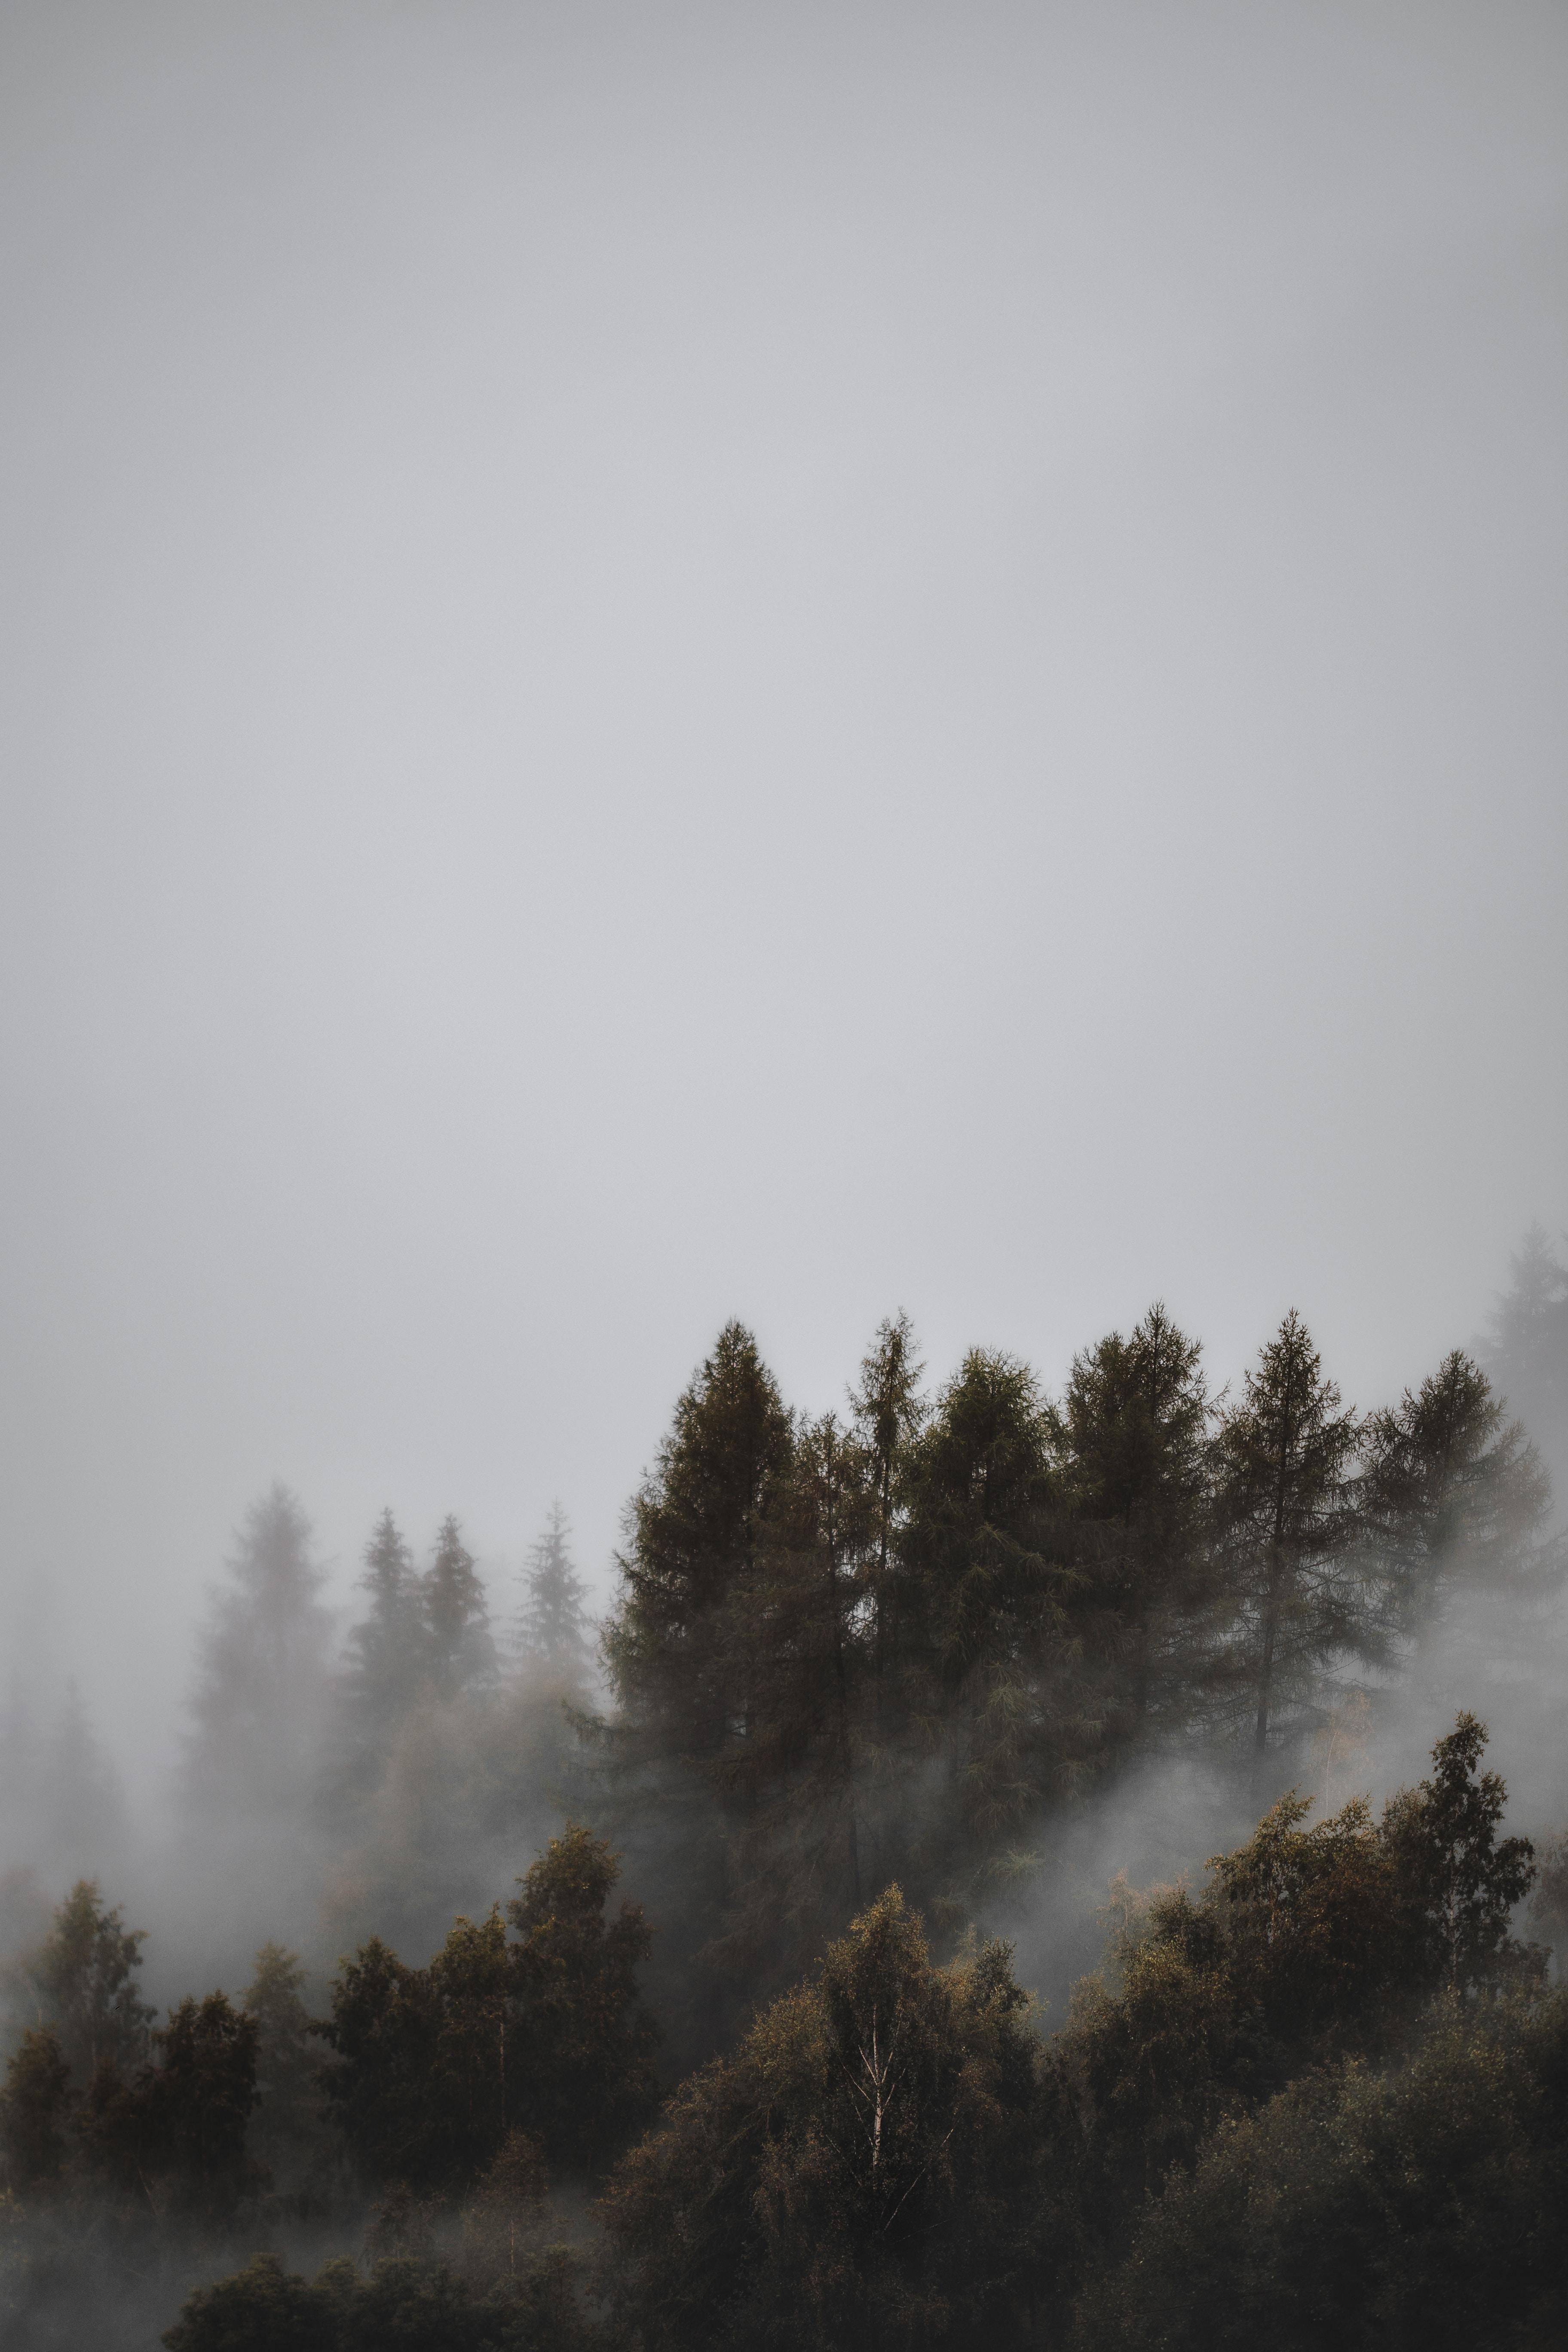 119757 Hintergrundbild herunterladen Landschaft, Natur, Bäume, Wald, Nebel, Düster, Düsteren - Bildschirmschoner und Bilder kostenlos